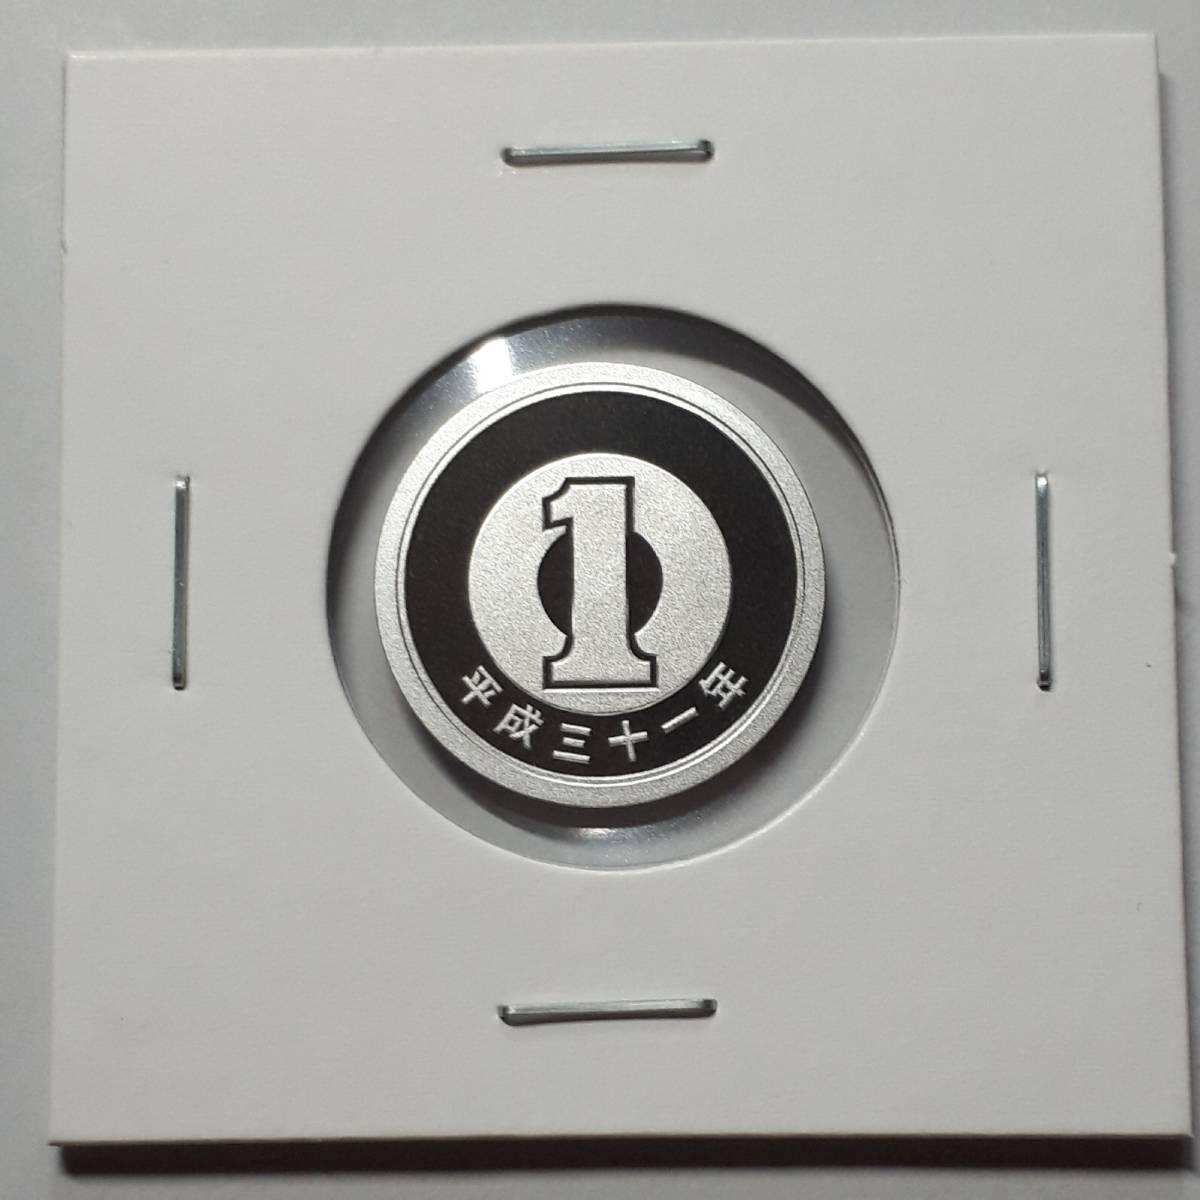 平成31年 1円アルミ貨 2枚 ★桜の通り抜けプルーフとミント出し★ 完全未使用